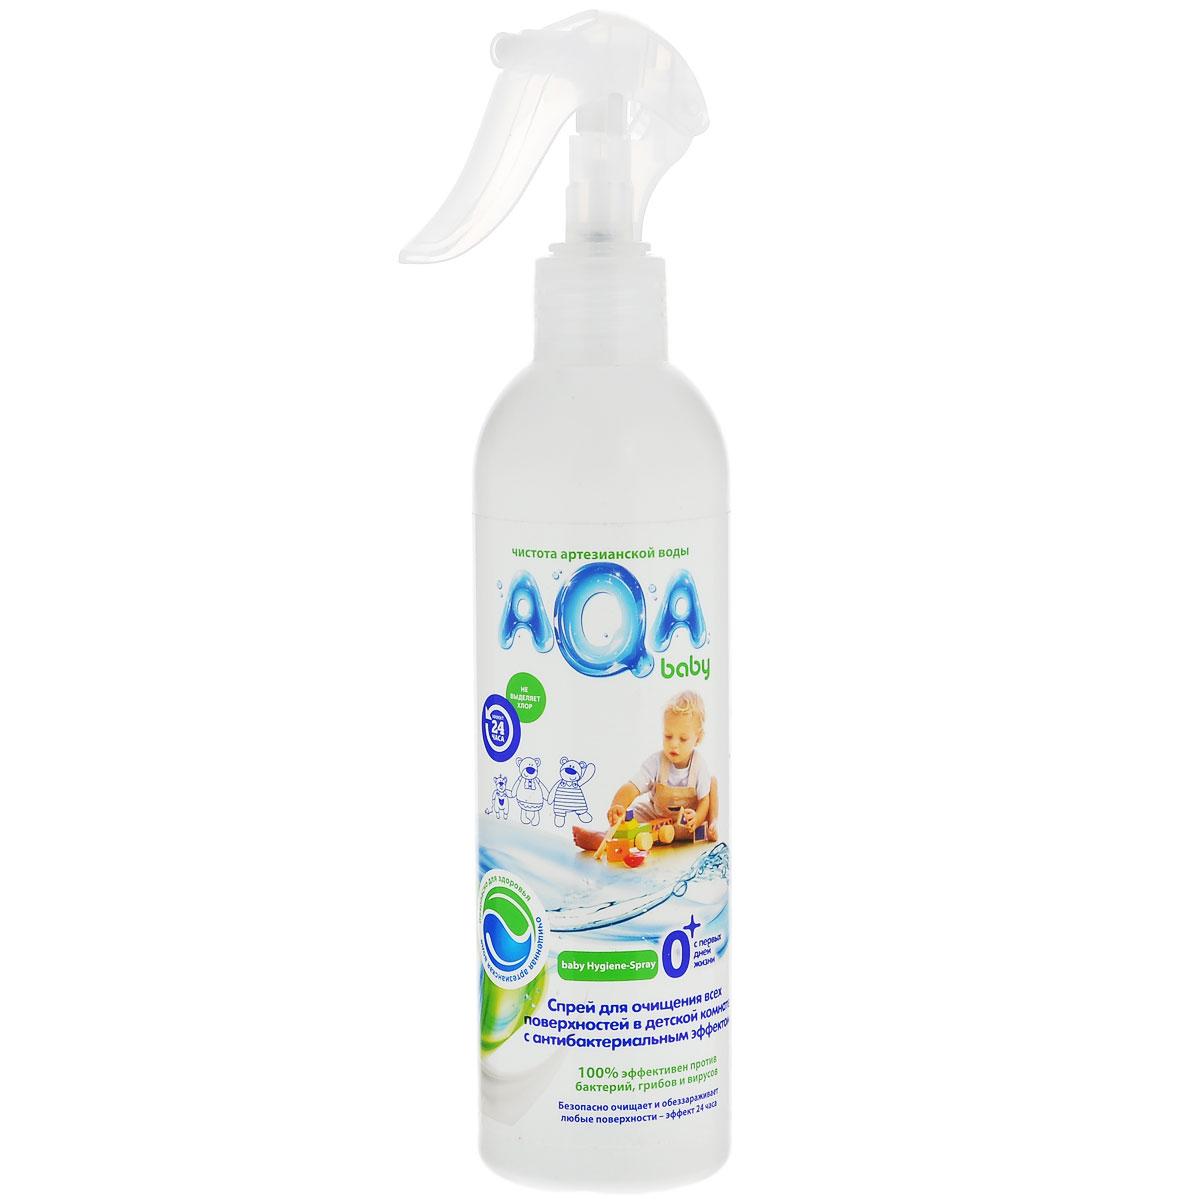 AQA Baby антибактериальный спрей для очищения всех поверхностей в детской комнате. Инновация в области безопасных средств для уборки в детской комнате: очищает и обеззараживает любые поверхности в детской комнате, предметы, в том числе детские игрушки, горшки и т.д., устраняет неприятные запахи, разрушая их, а не маскируя,без хлора, красителей и оптических осветлителей. Безопасно для малыша и мамы, домашних питомцев и окружающей среды: не остается на поверхностяхна основе возобновляемого природного сырьяне нужно смывать водойЭффективность подтверждена тестами в соответствии со стандартом США AATCC 100-1998. Эффект 24 часа: Бактерицидный: удаляет вредные бактерии (эффективен как против грам-положительных, так и грам-отрицательных бактерий) Антибактериальный: блокирует рост и размножение микроорганизмов (в том числе грибов) Используется AQA Baby антибактериальный спрей для протирания игрушек, стульчиков/столиков для кормления, горшков или туалетных сидений, а также любой детской мебели и прочих предметов. Не оказывает разрушающего влияния на обрабатываемые поверхности. Не сушит кожу рук.  Состав: >30% вода,  Как выбрать качественную бытовую химию, безопасную для природы и людей. Статья OZON Гид